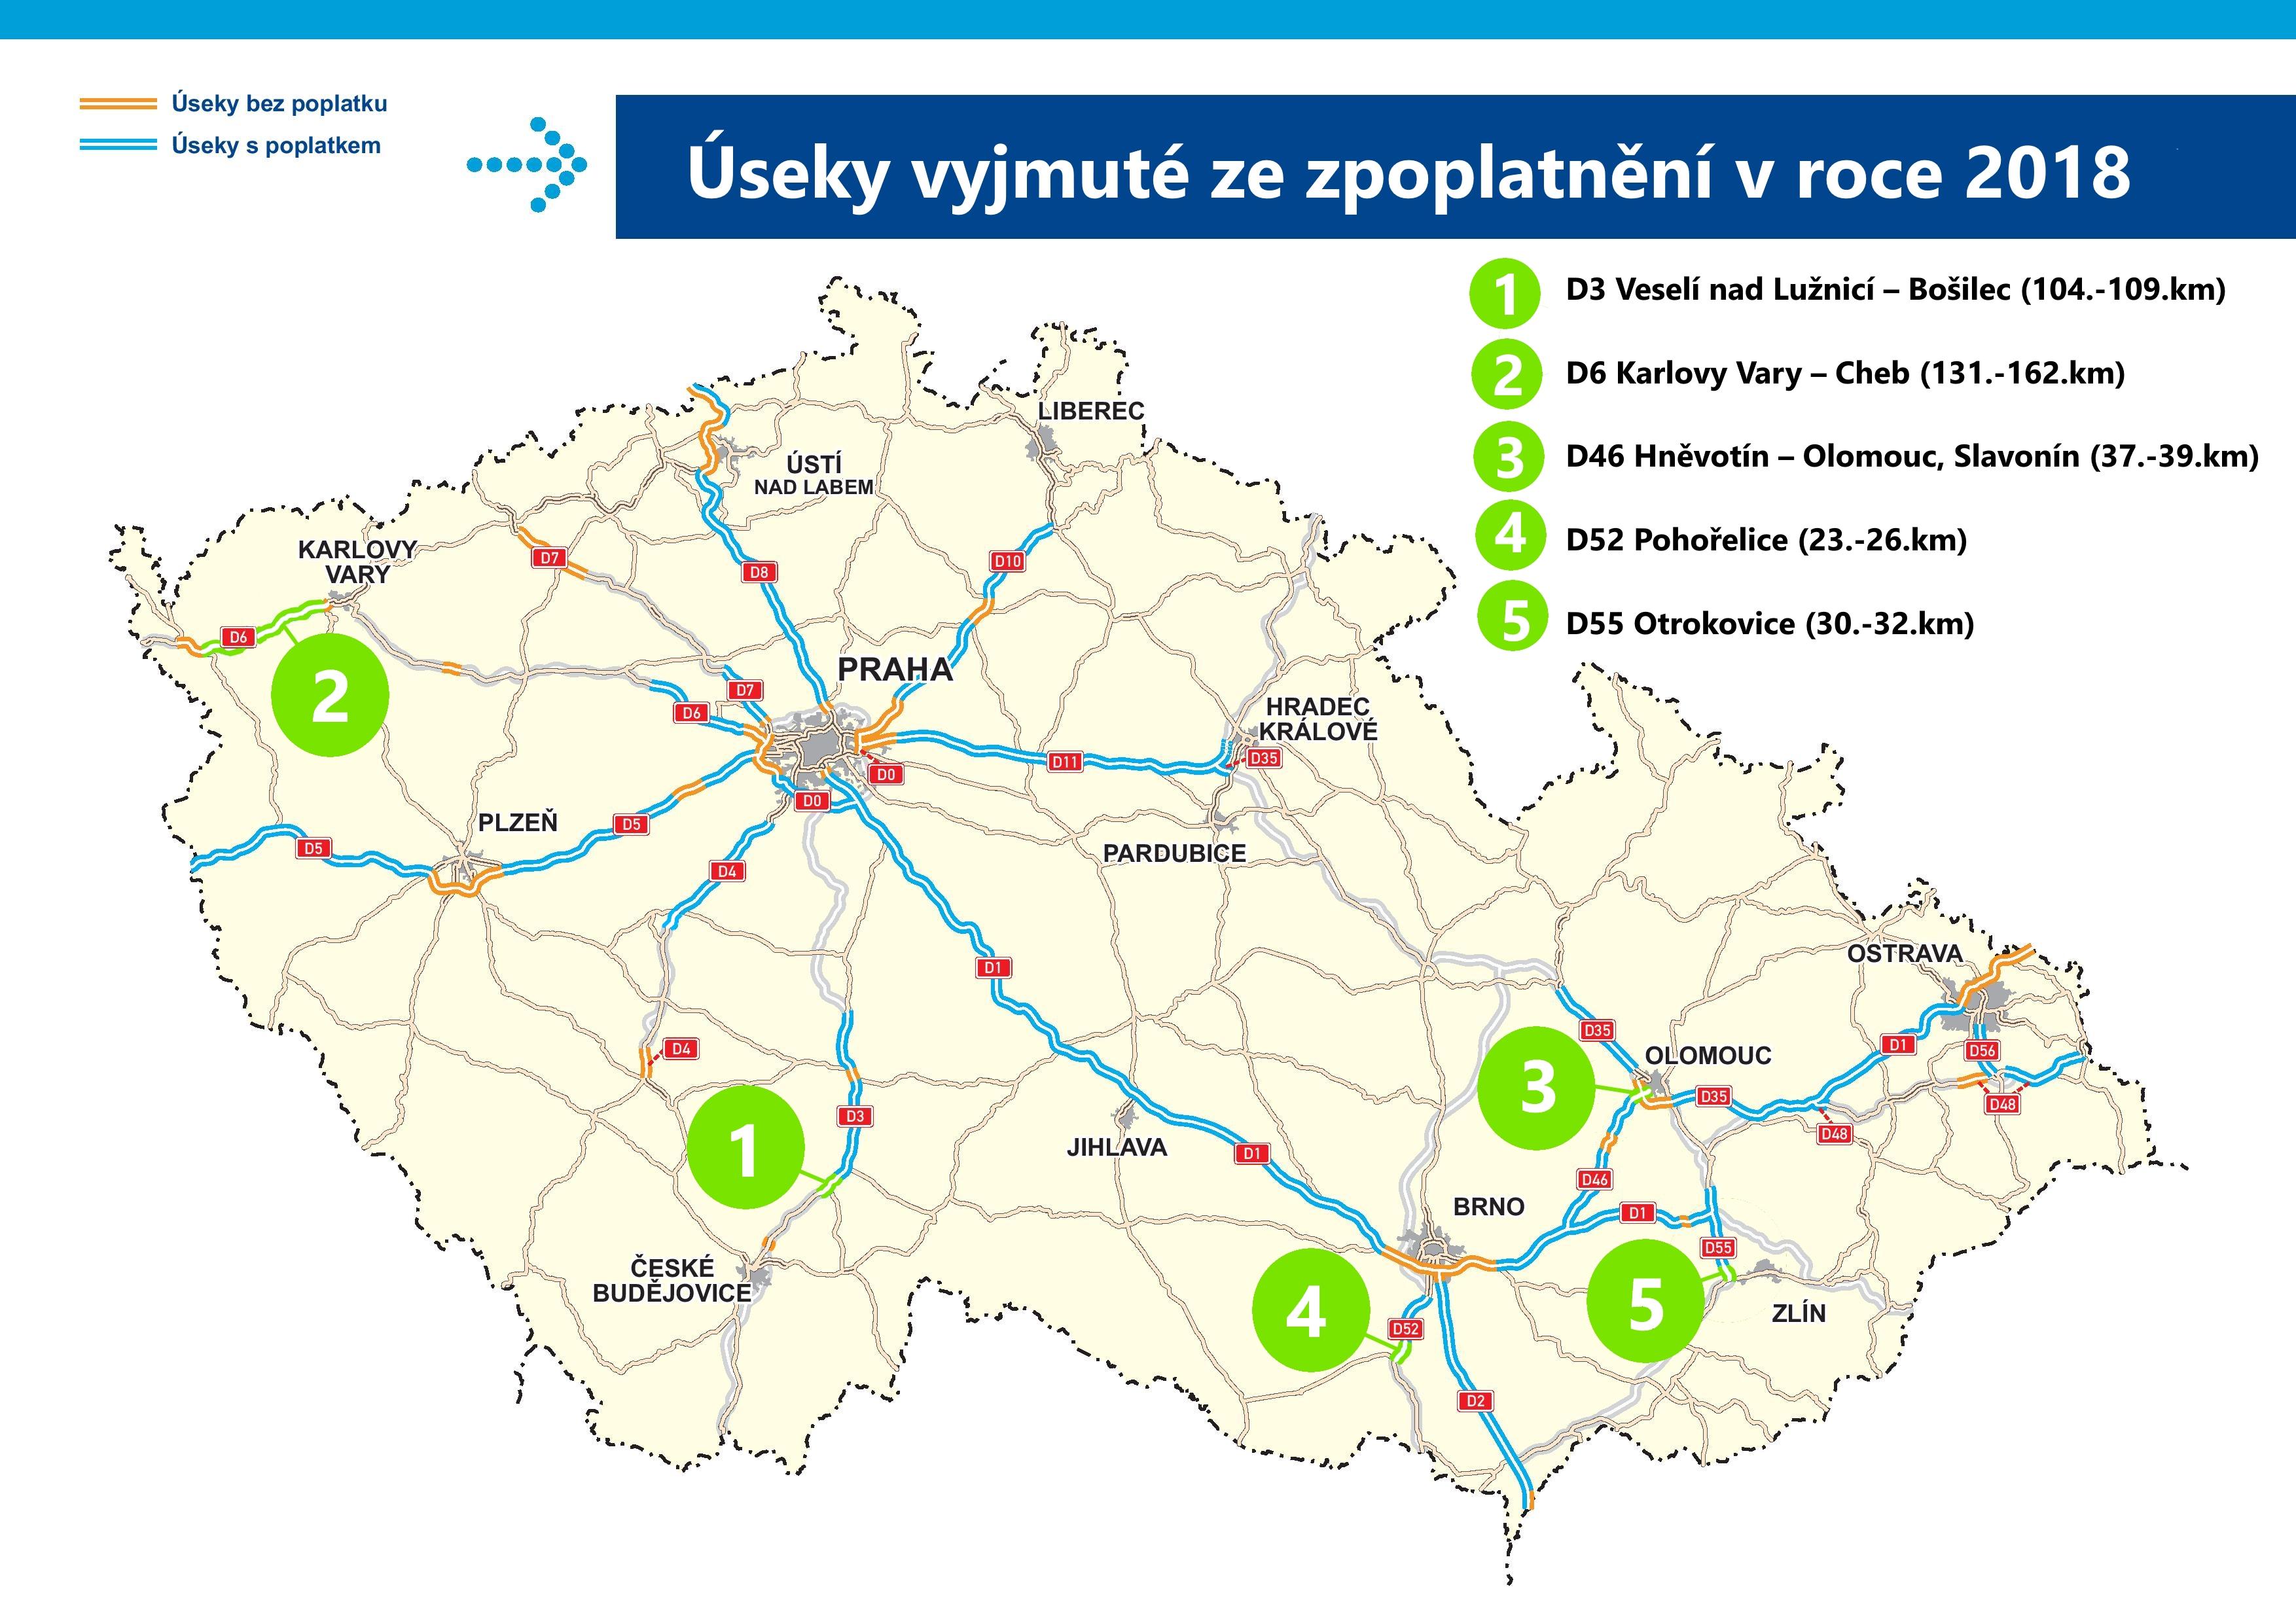 mapa-znepoplatneni-od-2018-(1).jpg